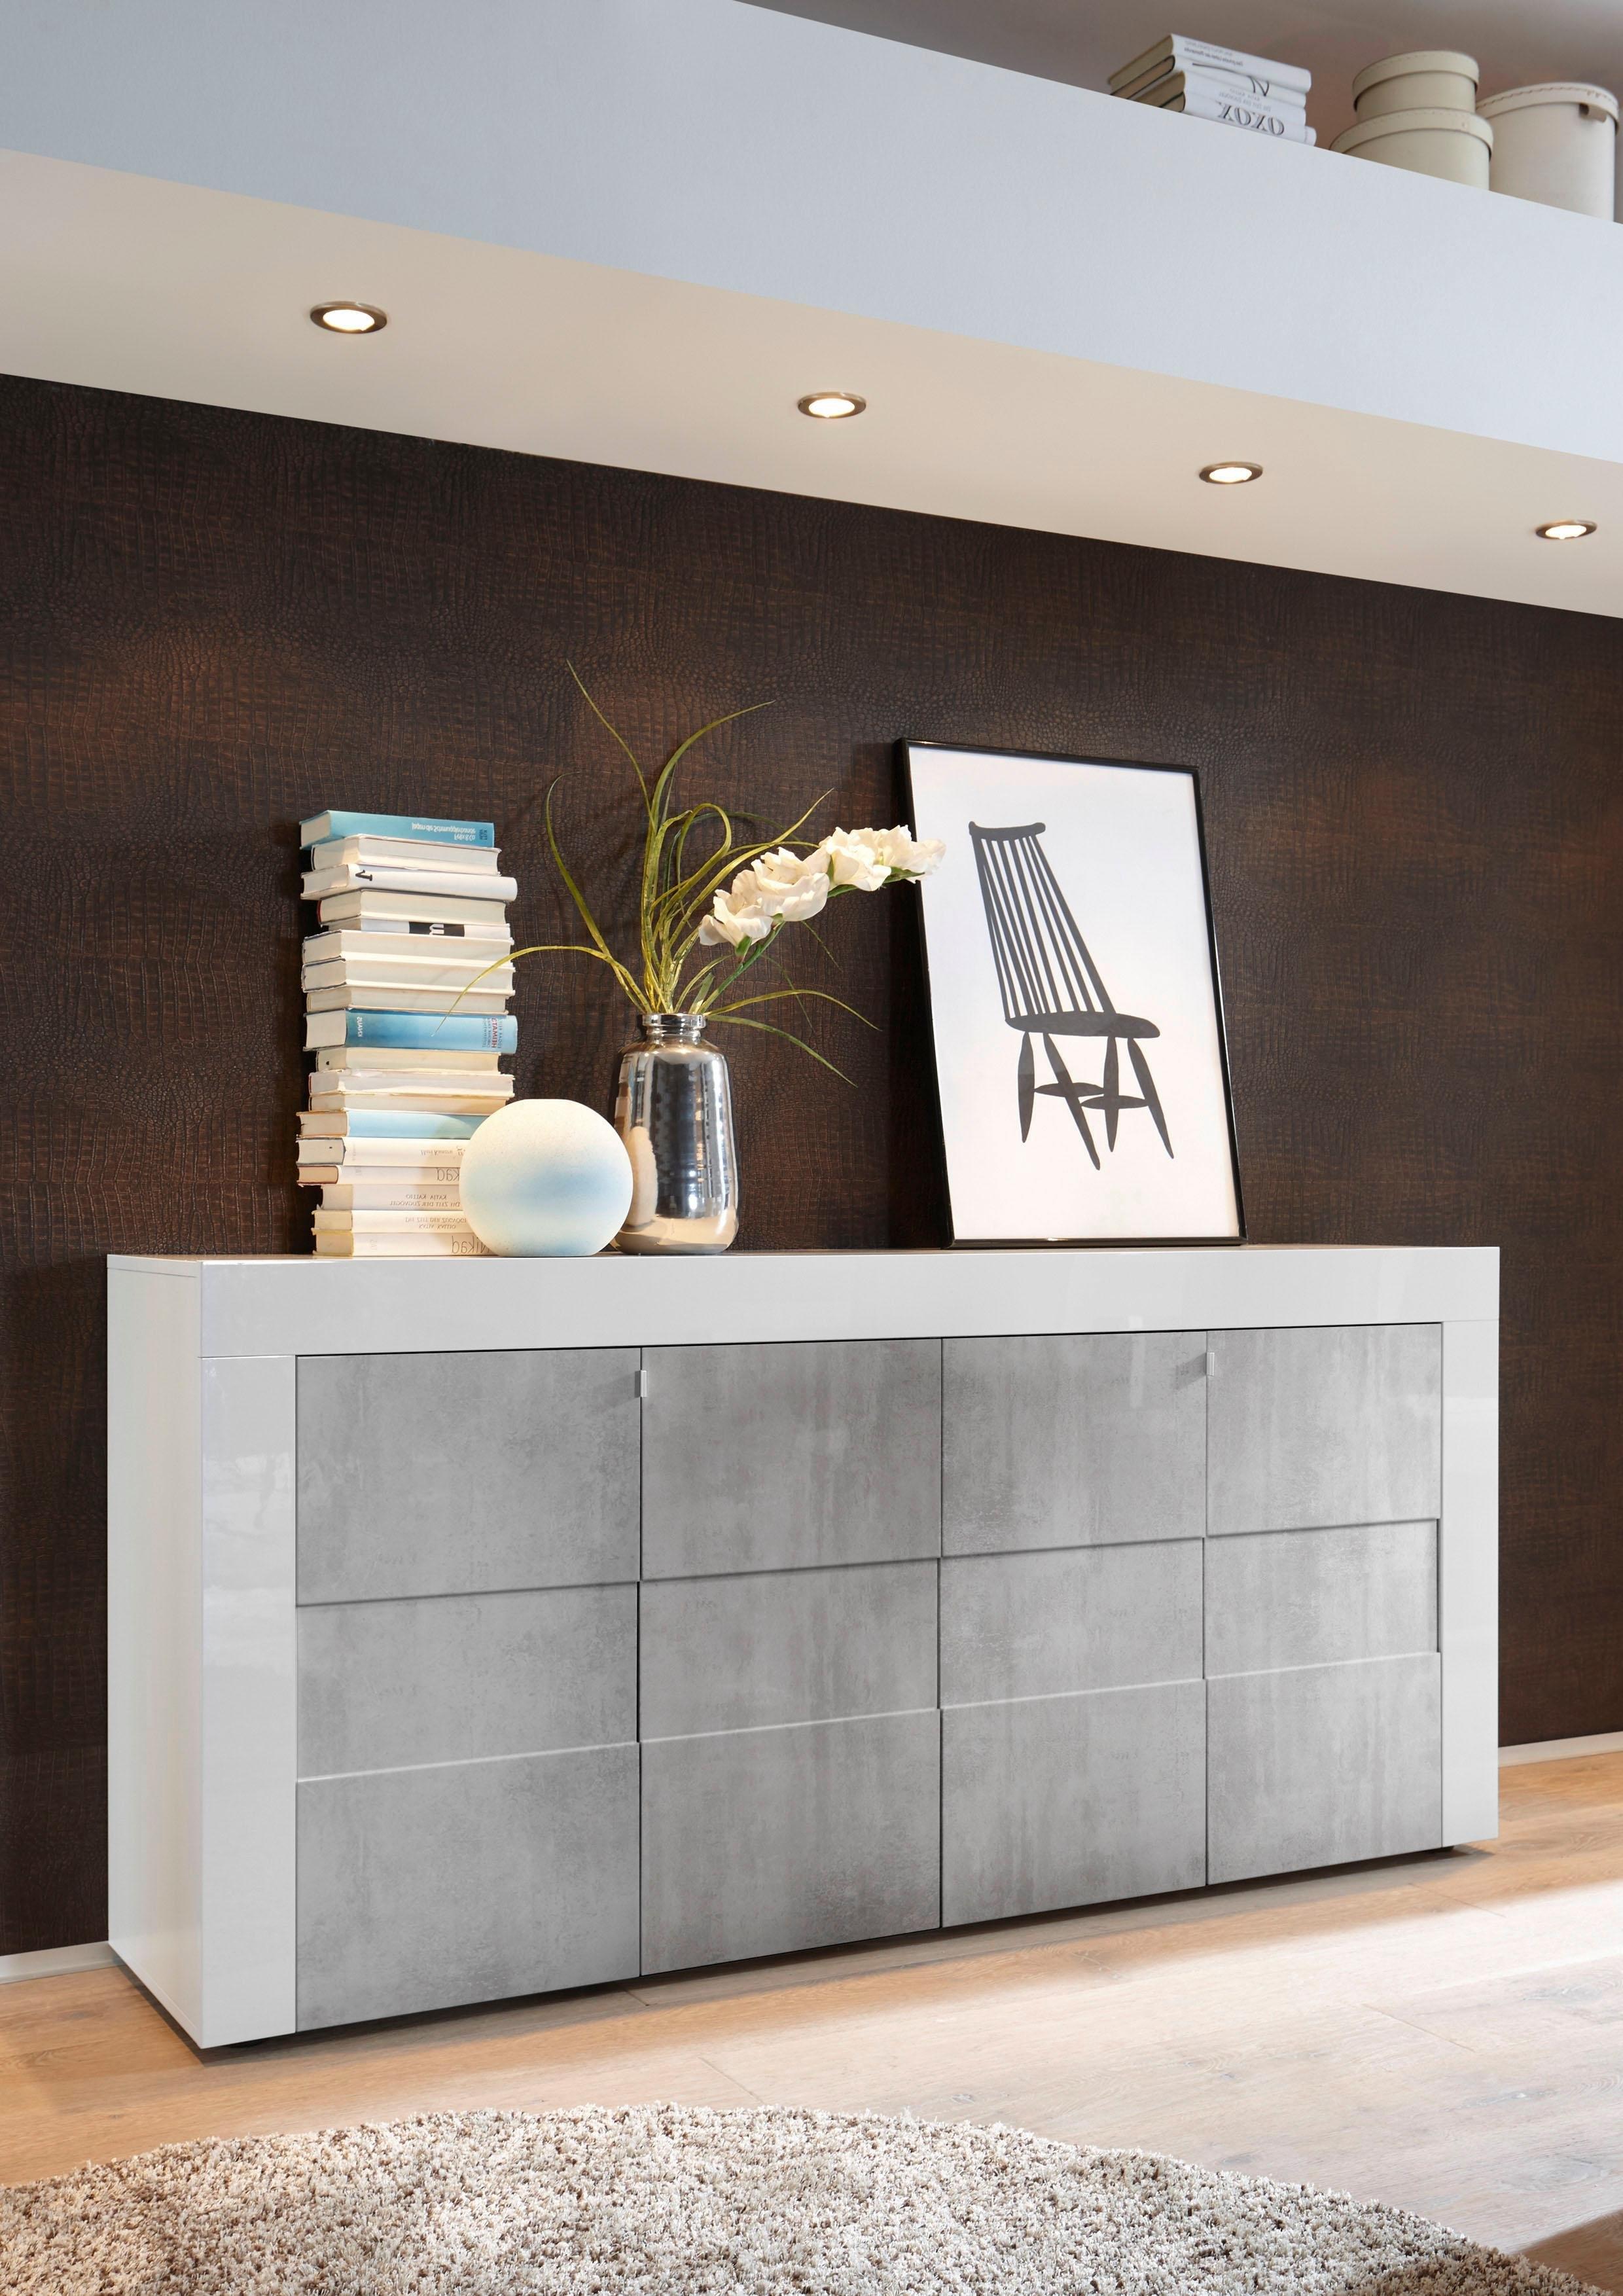 LC »EASY« dressoir, breedte 181 cm veilig op otto.nl kopen